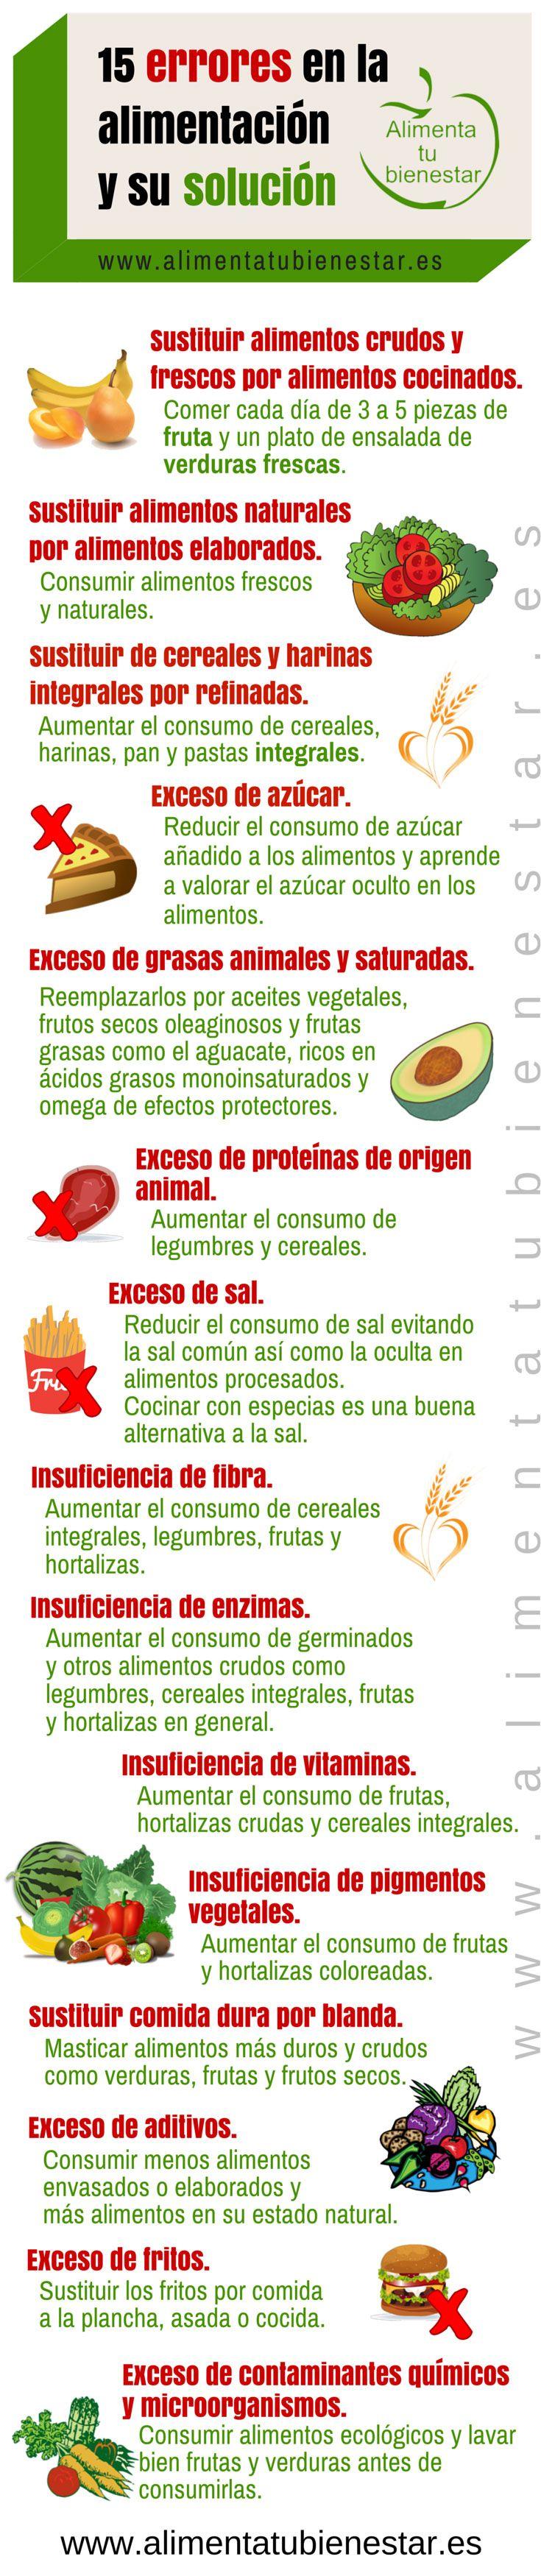 #infografia 15 errores en la alimentación y su solución #alimentatubienestar